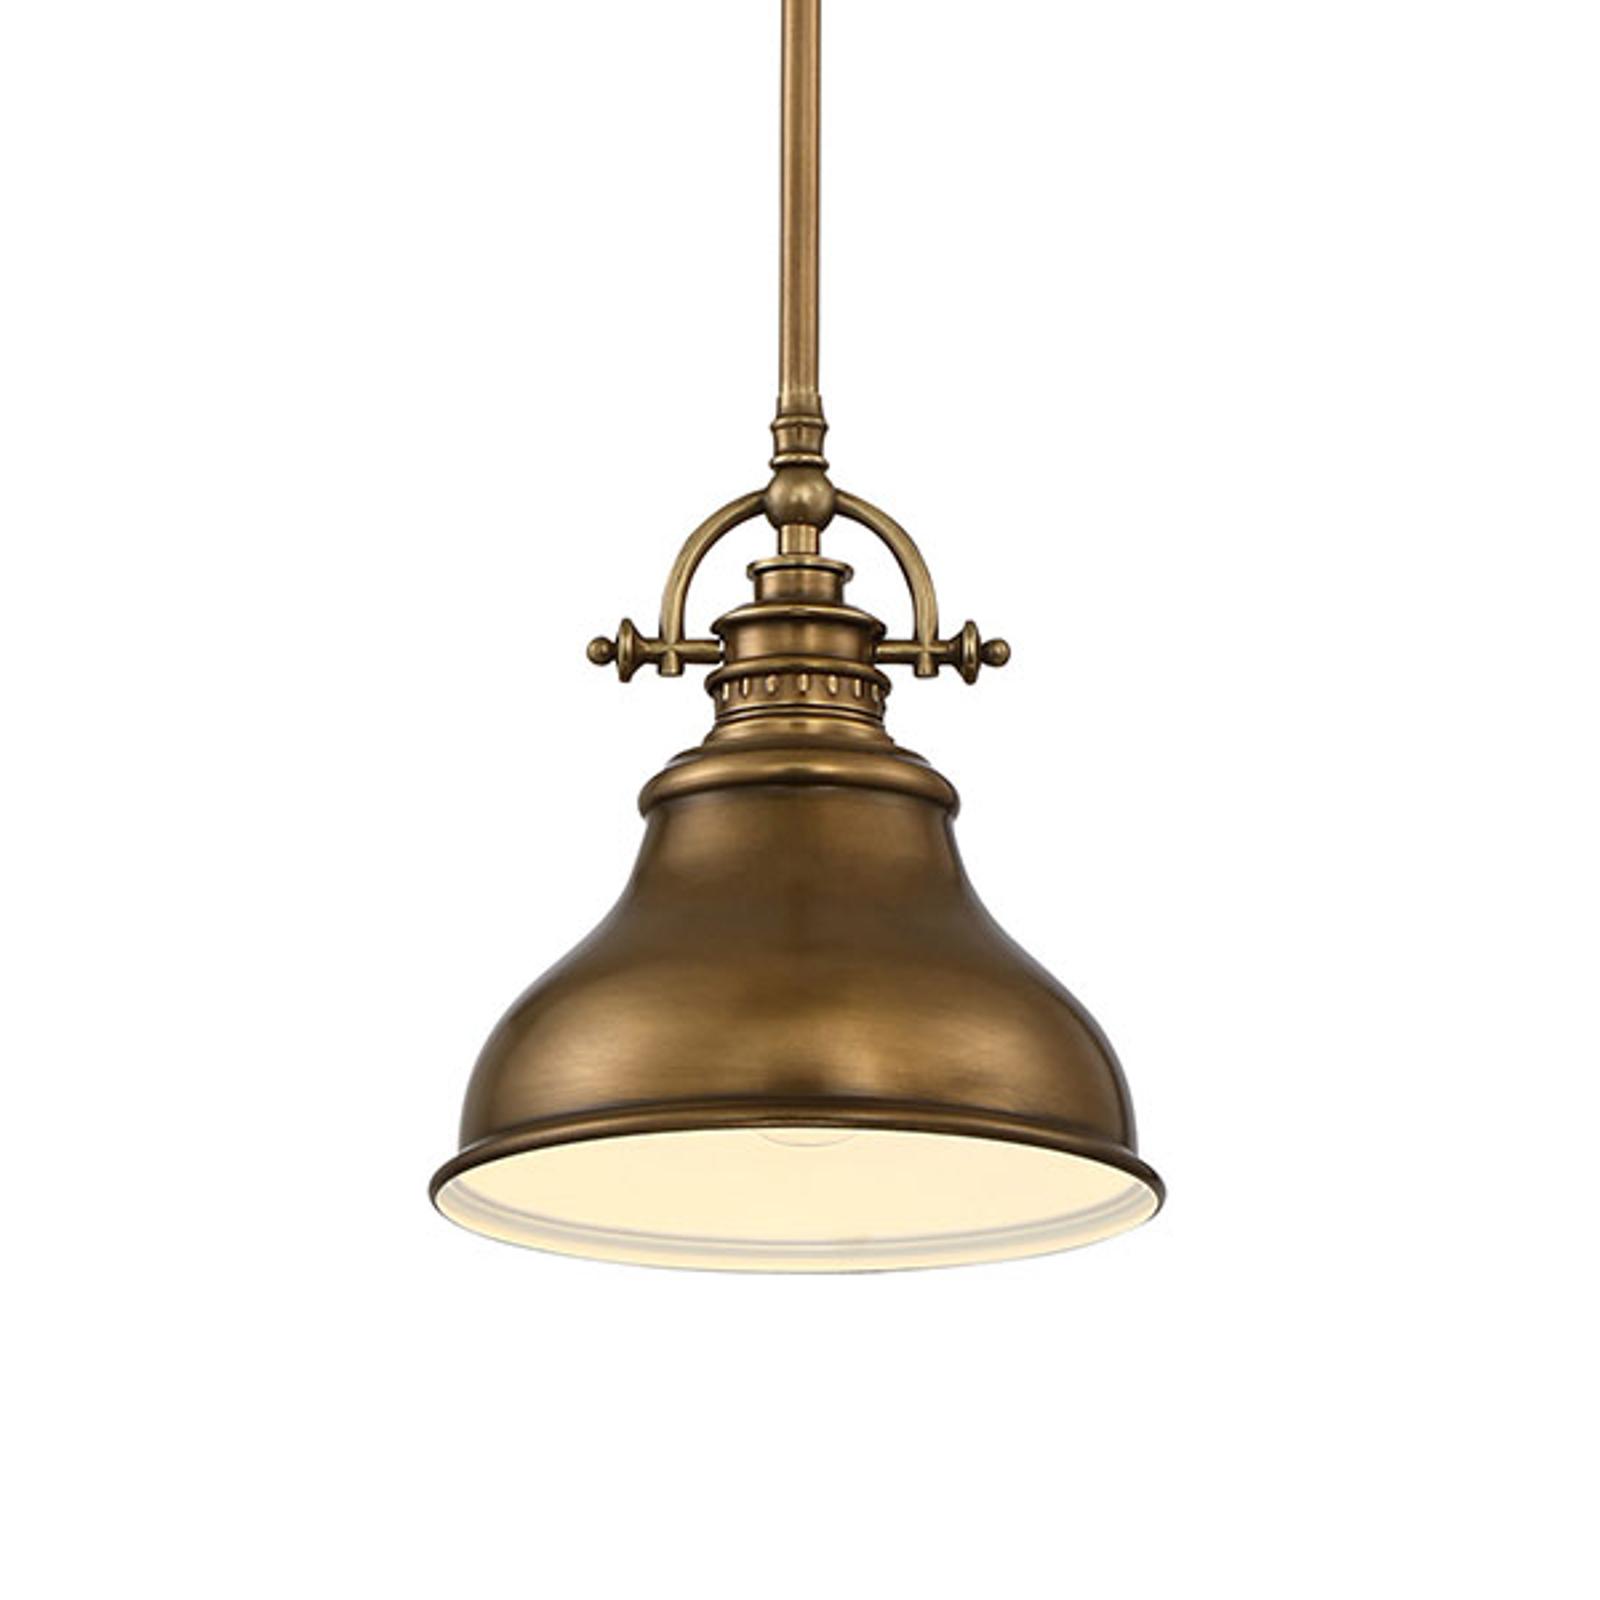 Lampada a sospensione Emery 1 luce ottone Ø20,3 cm